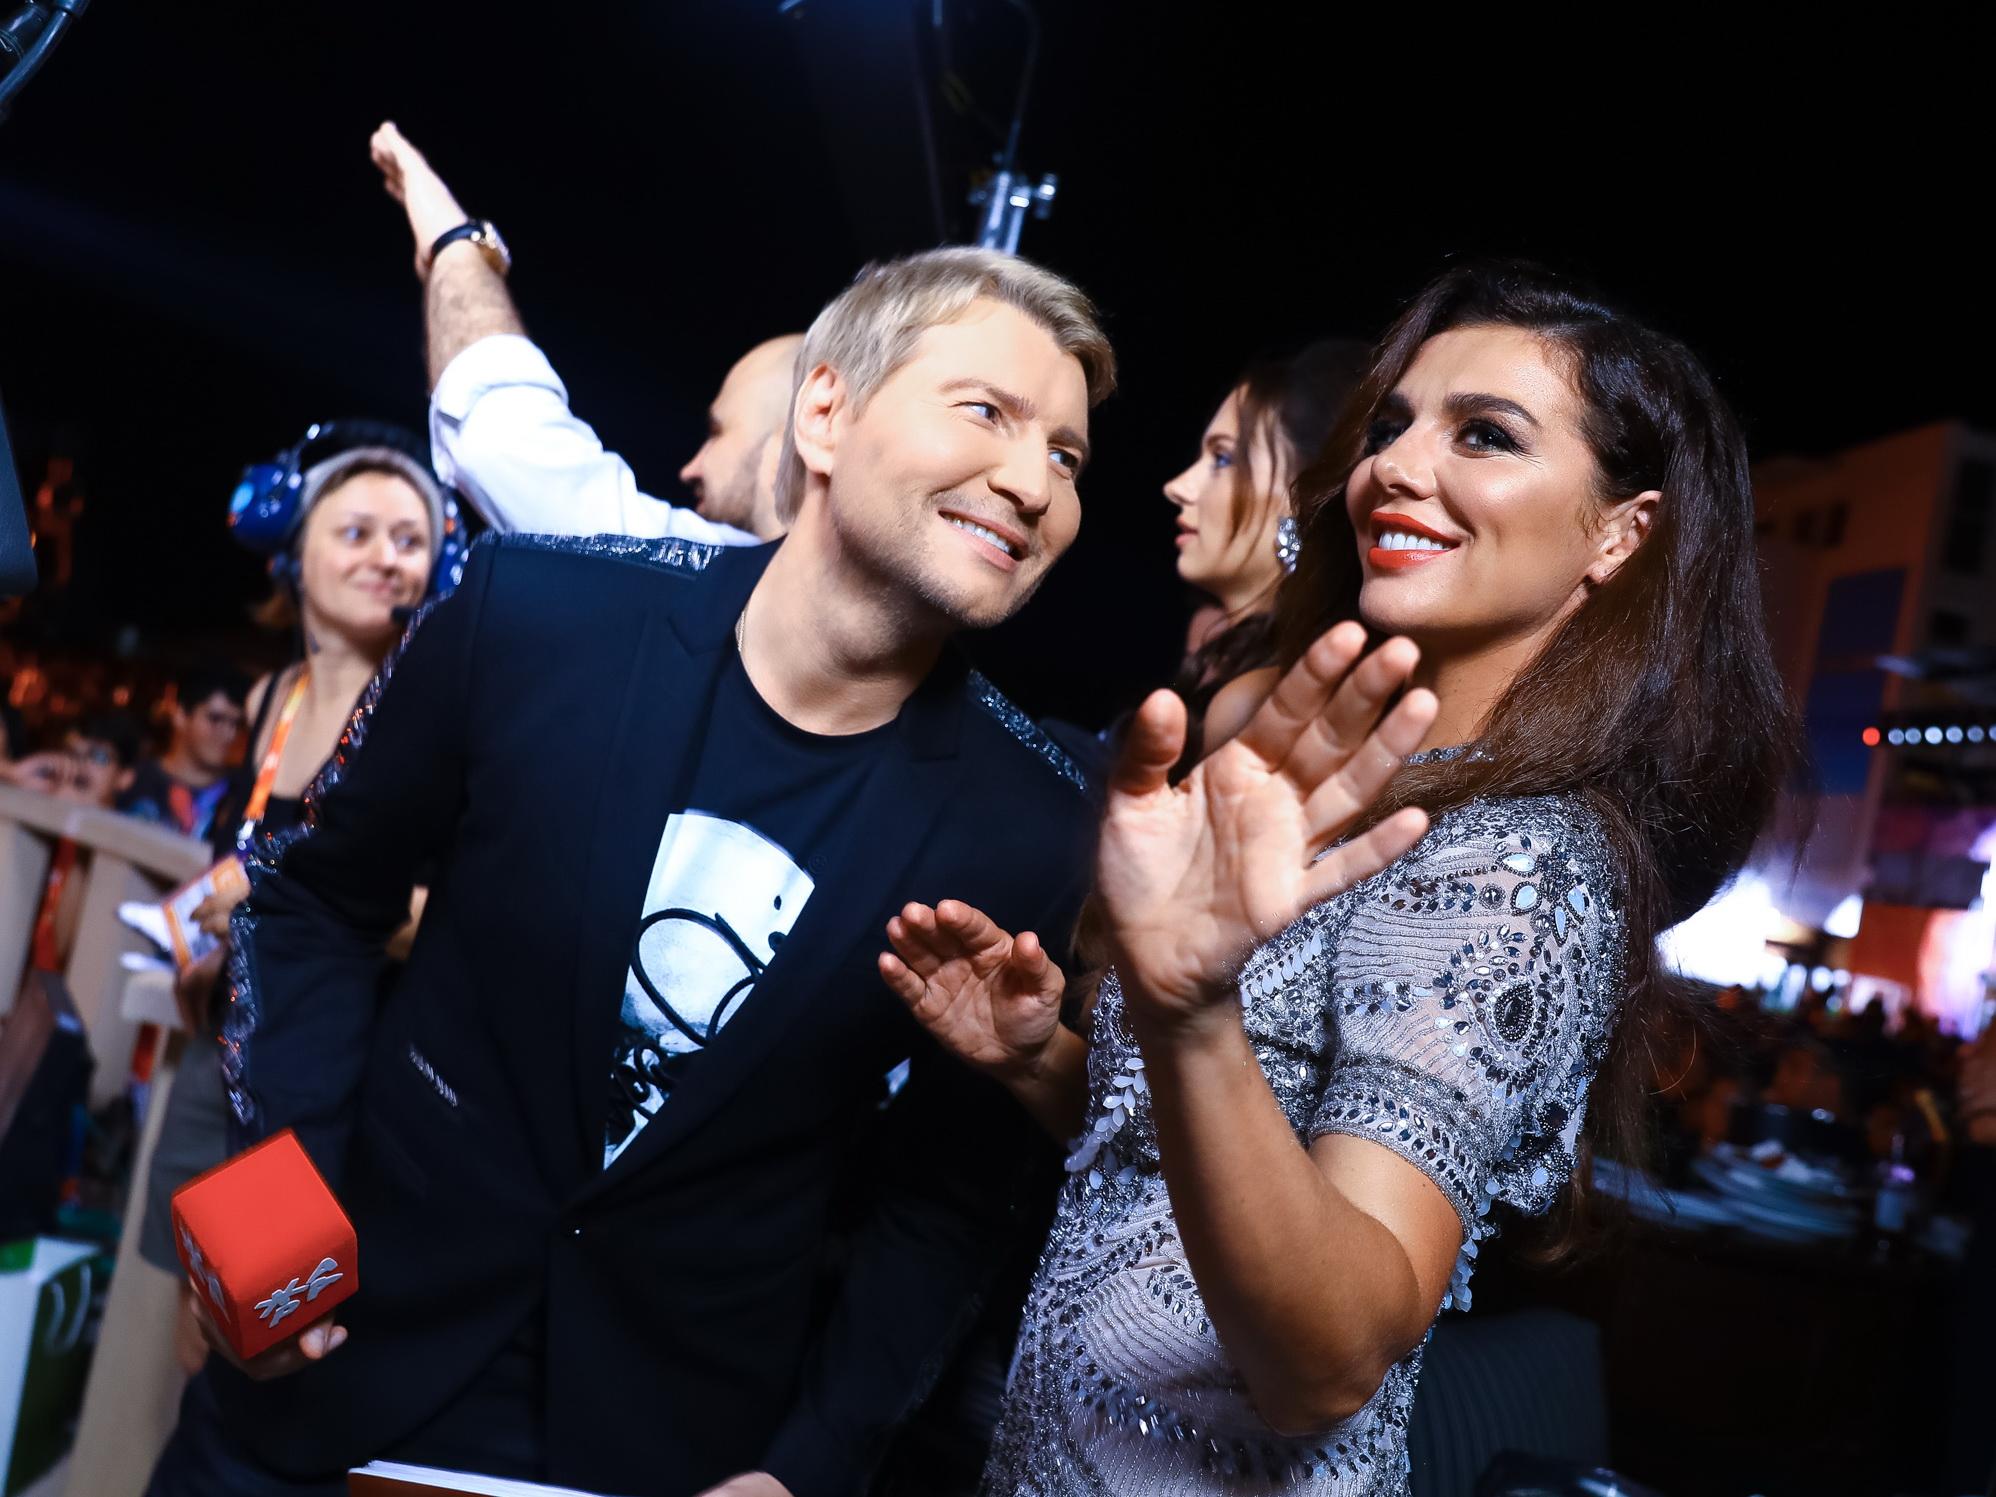 Горячий танец заговорившей на азербайджанском языке Анны Седоковой с Николаем Басковым в Баку - ВИДЕО